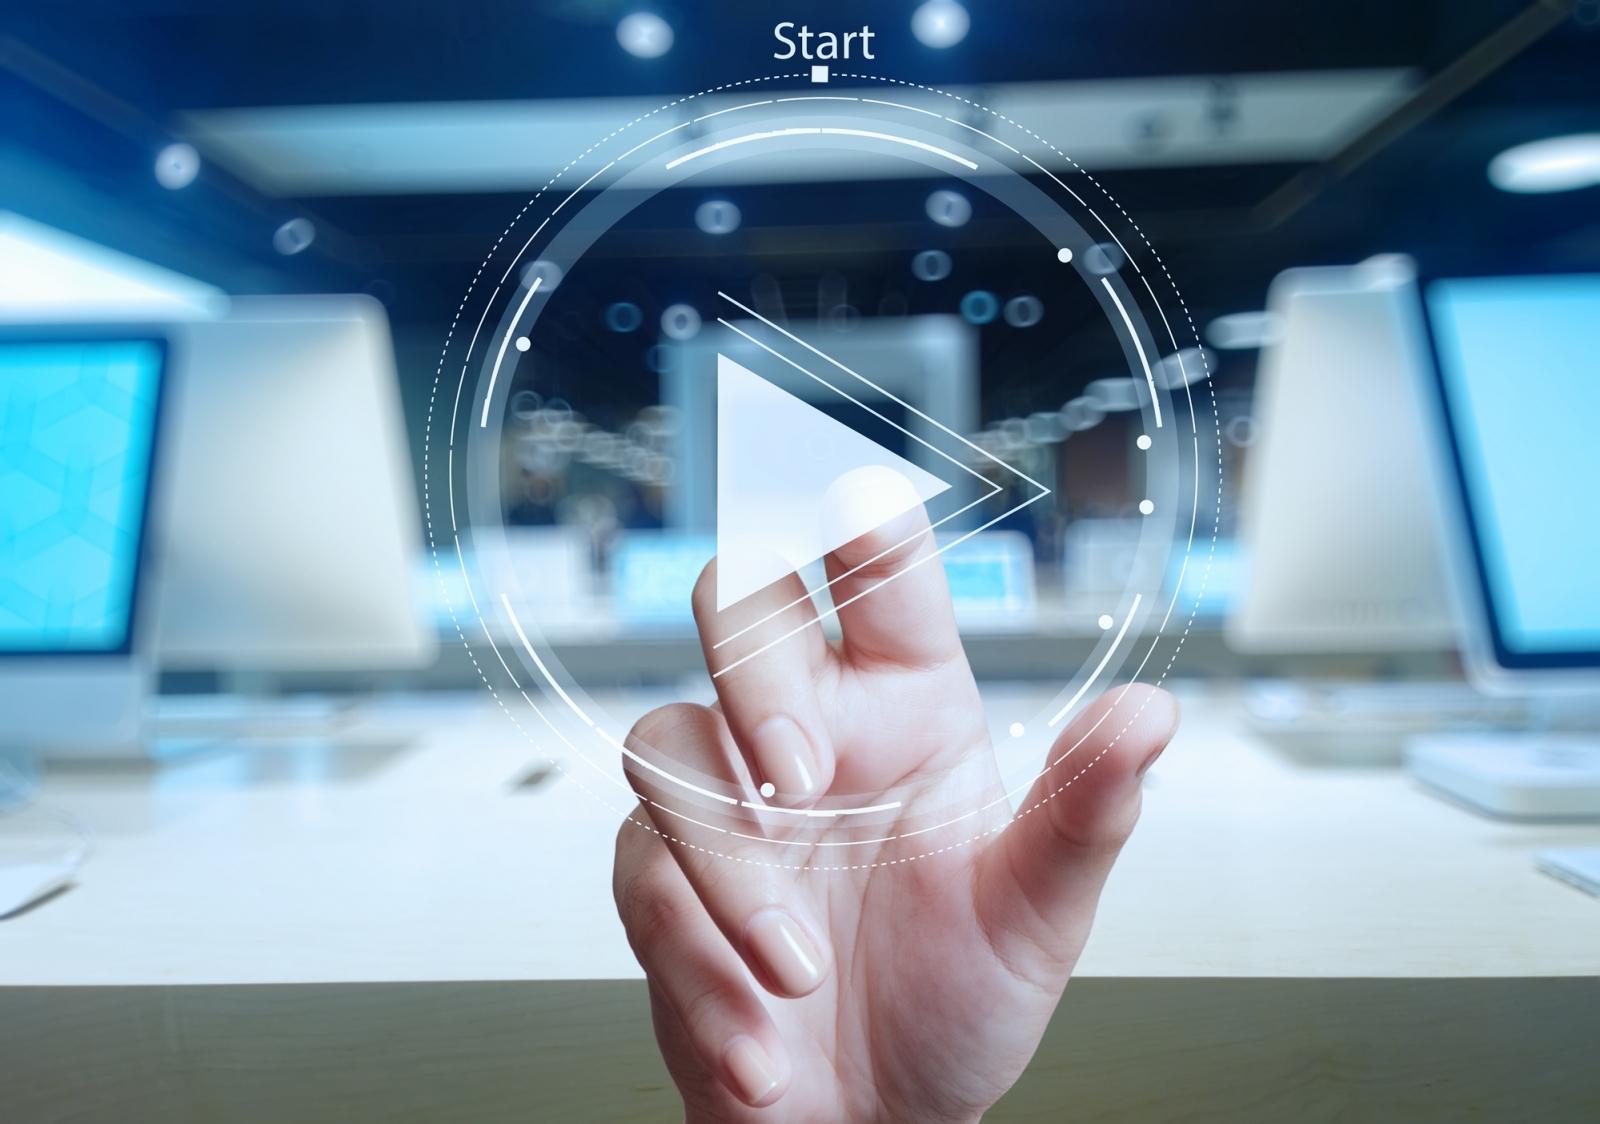 Facebook zapuskaje servis Creator dlja stvorennja videokontentu